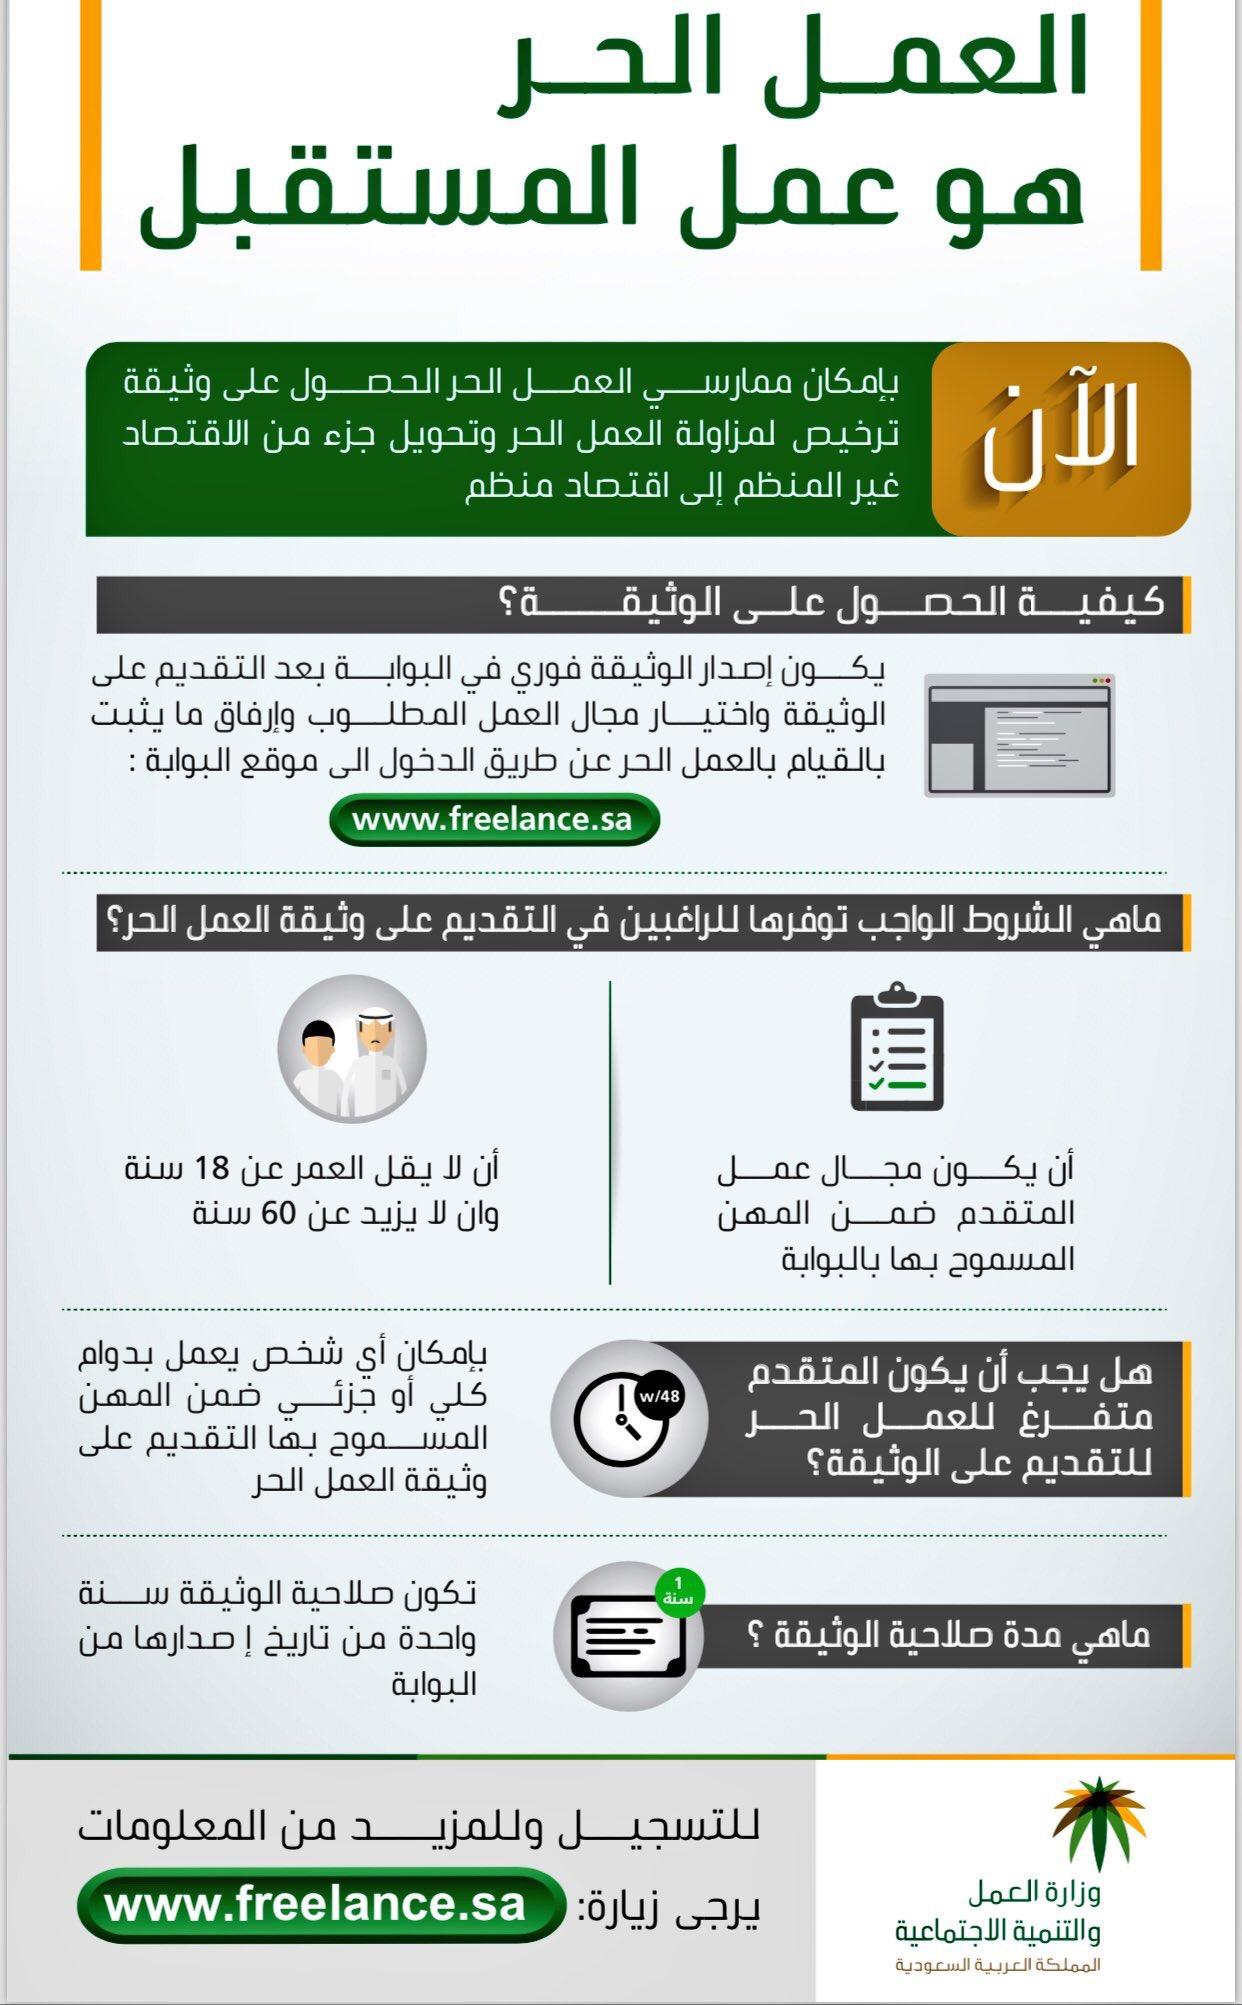 محمد الربيعان בטוויטר وثيقة ترخيص مزاولة عمل حر ابحث عن تخصصك في العمل الحر واستخرج الوثيقة بكل سهولة